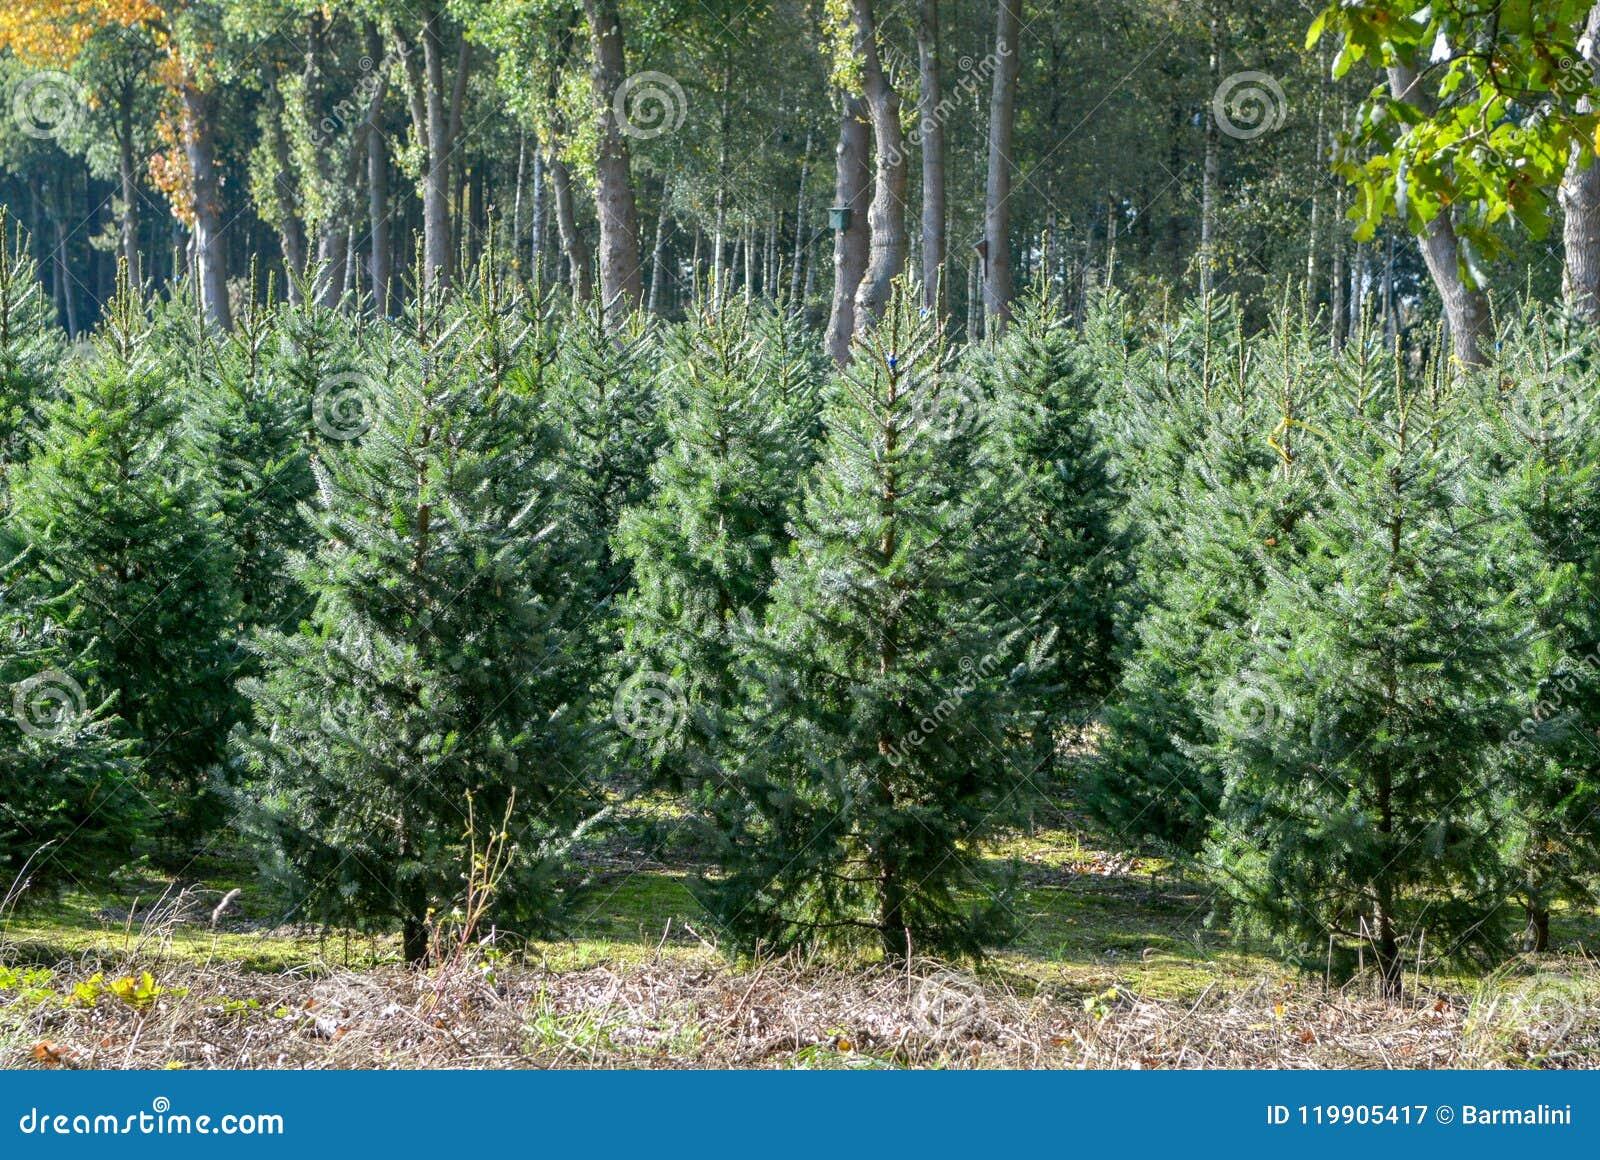 Weihnachtsbaumkultur In Den Niederlanden, Nordmann Tanne Bereit ...